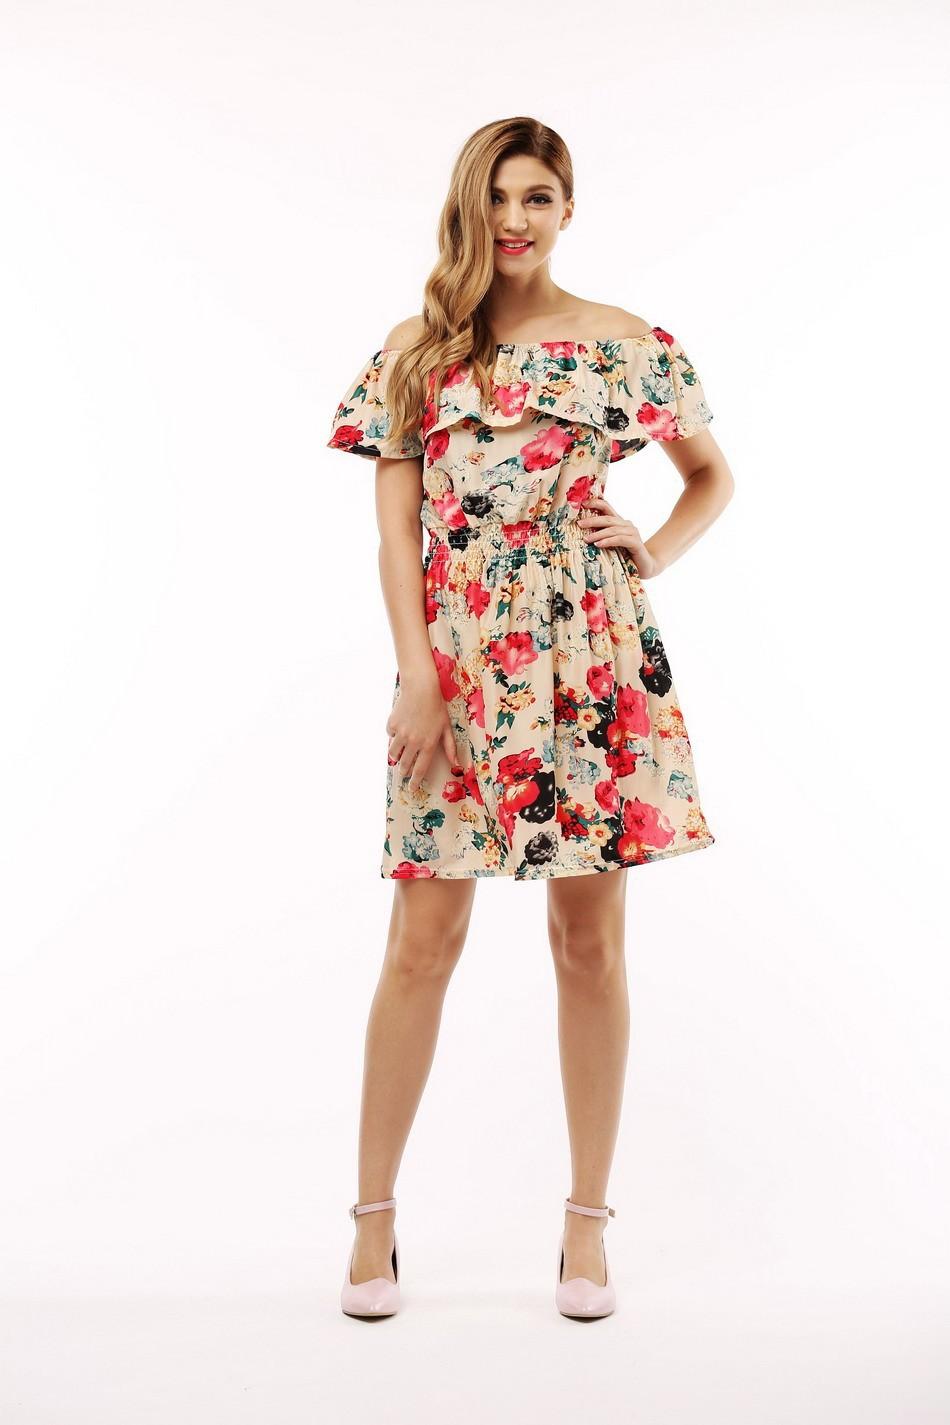 2017 fashion nowa wiosna lato plus size odzież kobiet floral print wzór sukienki na co dzień vestidos wc0472 18